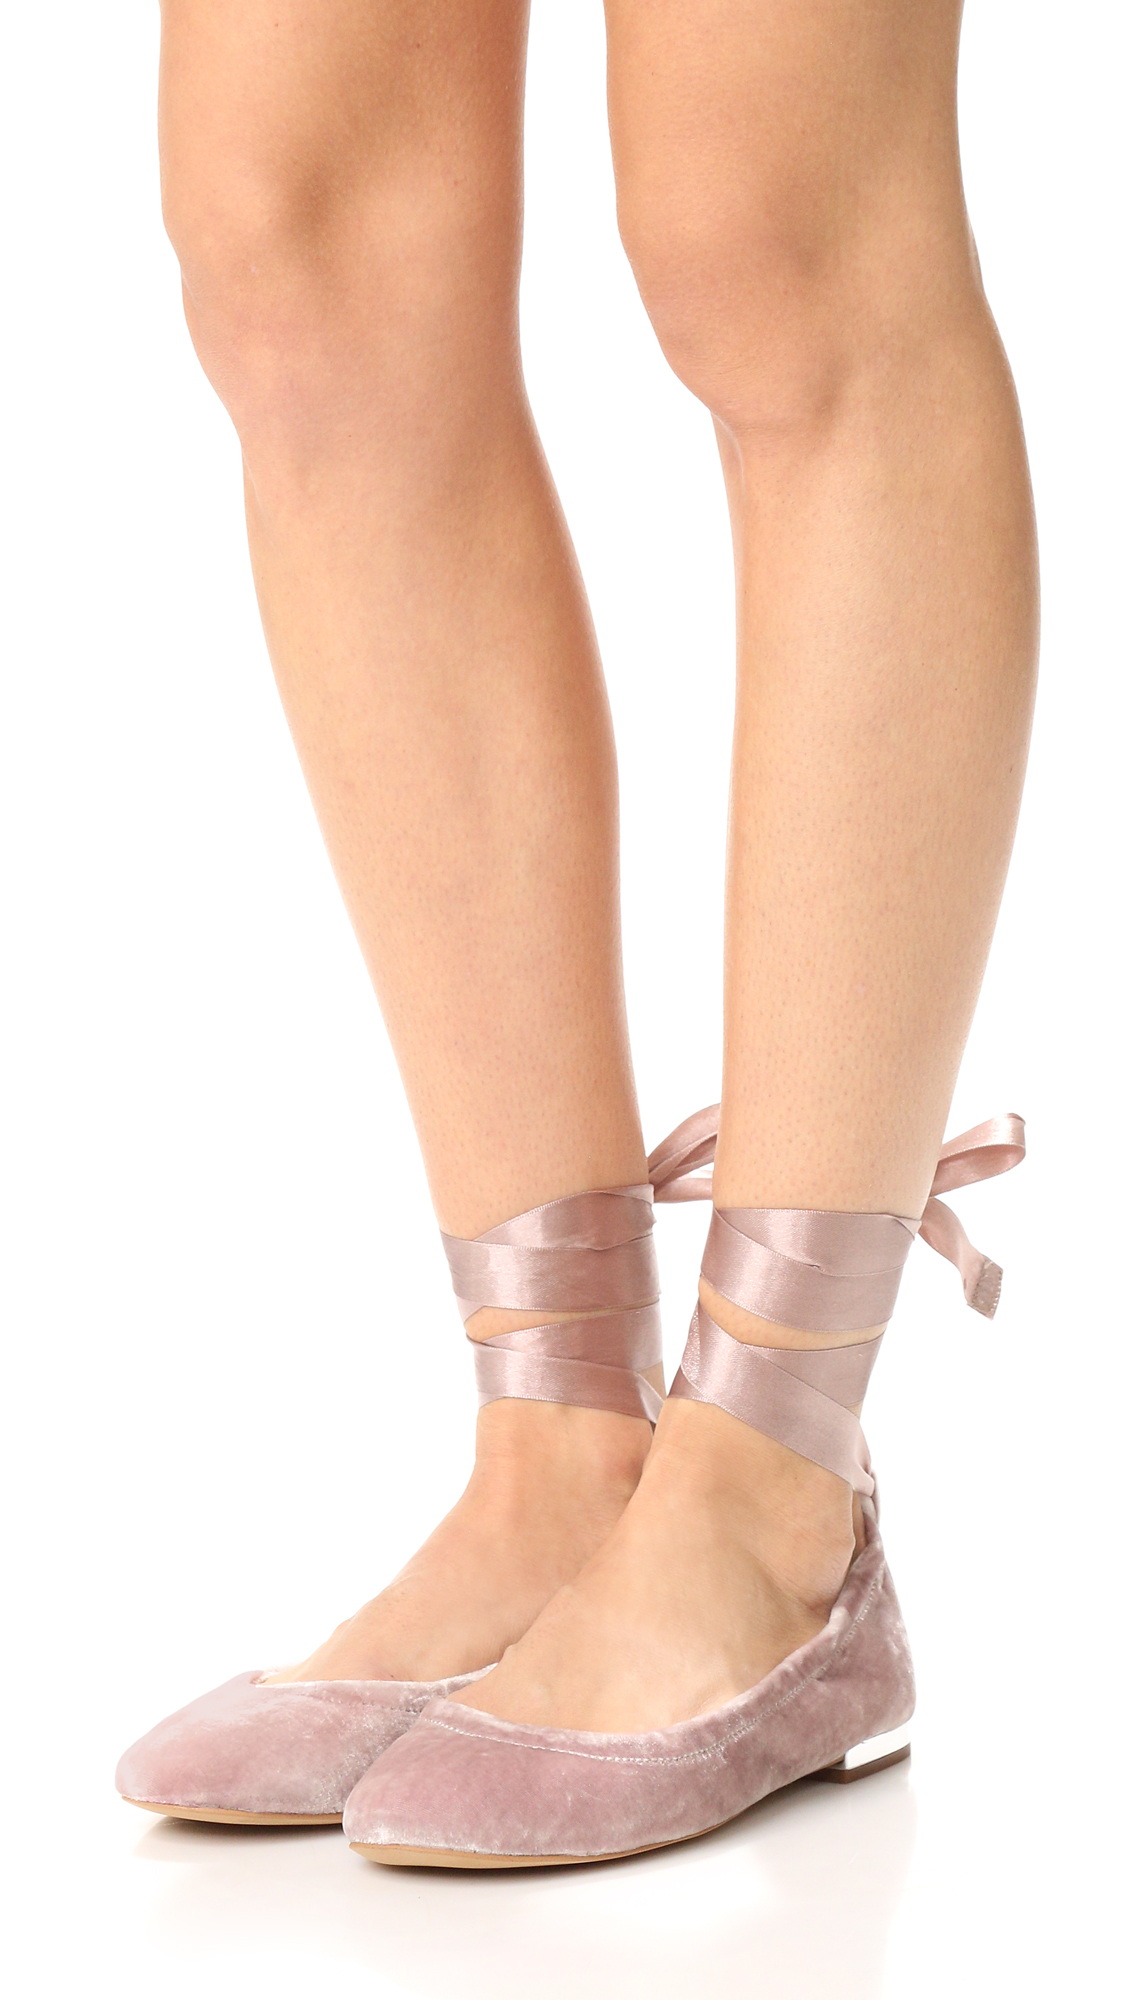 d37c851fc Sam Edelman Velvet Fallon Ballet Flats